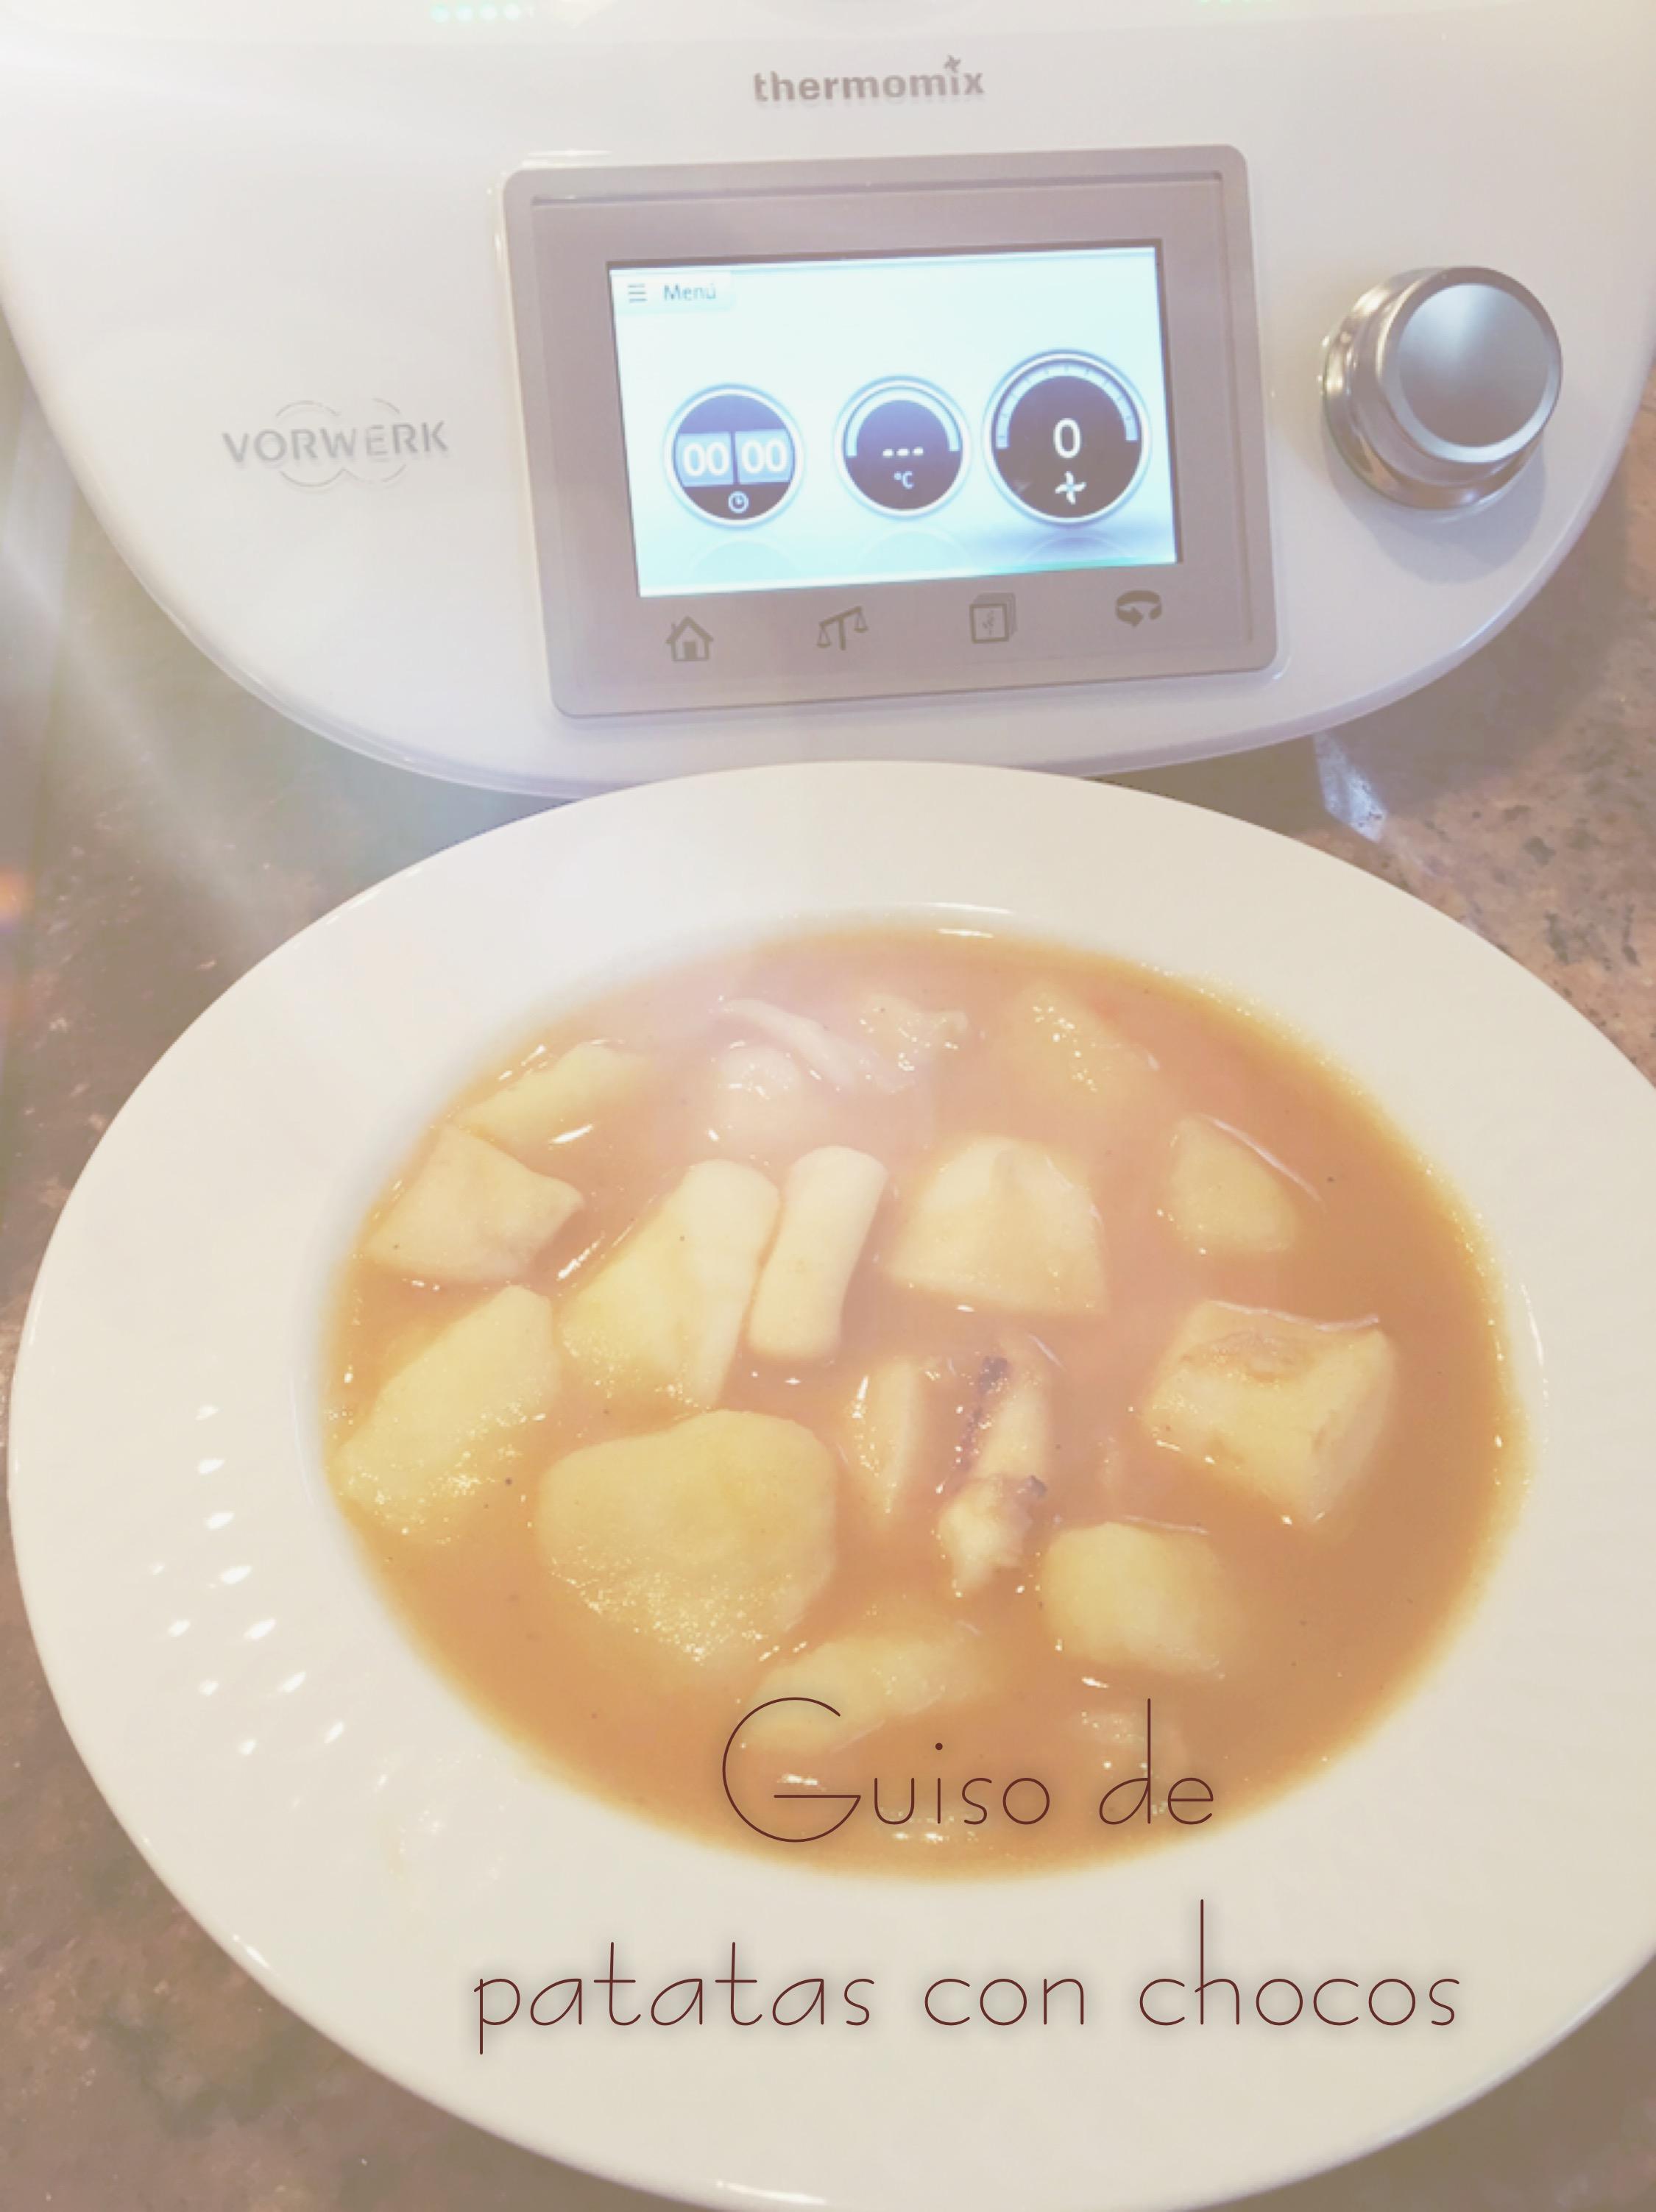 Patatas guisadas con chocos en Thermomix® ©